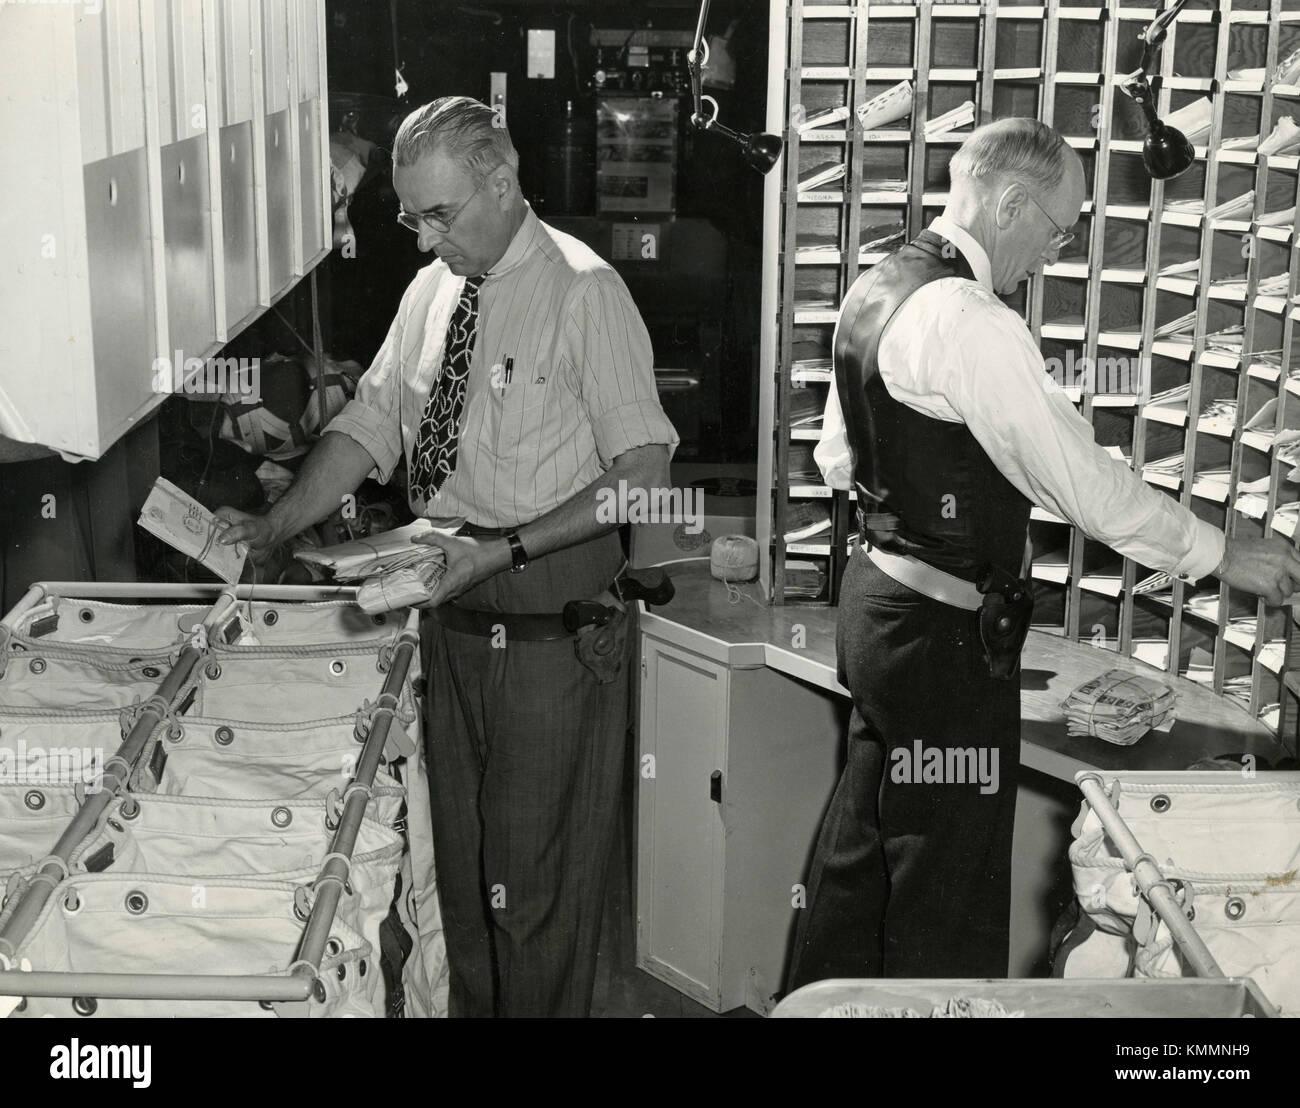 L'intérieur de l'aéronef Fairchild C-82 packet deux commis au service postal trier les mails, Photo Stock